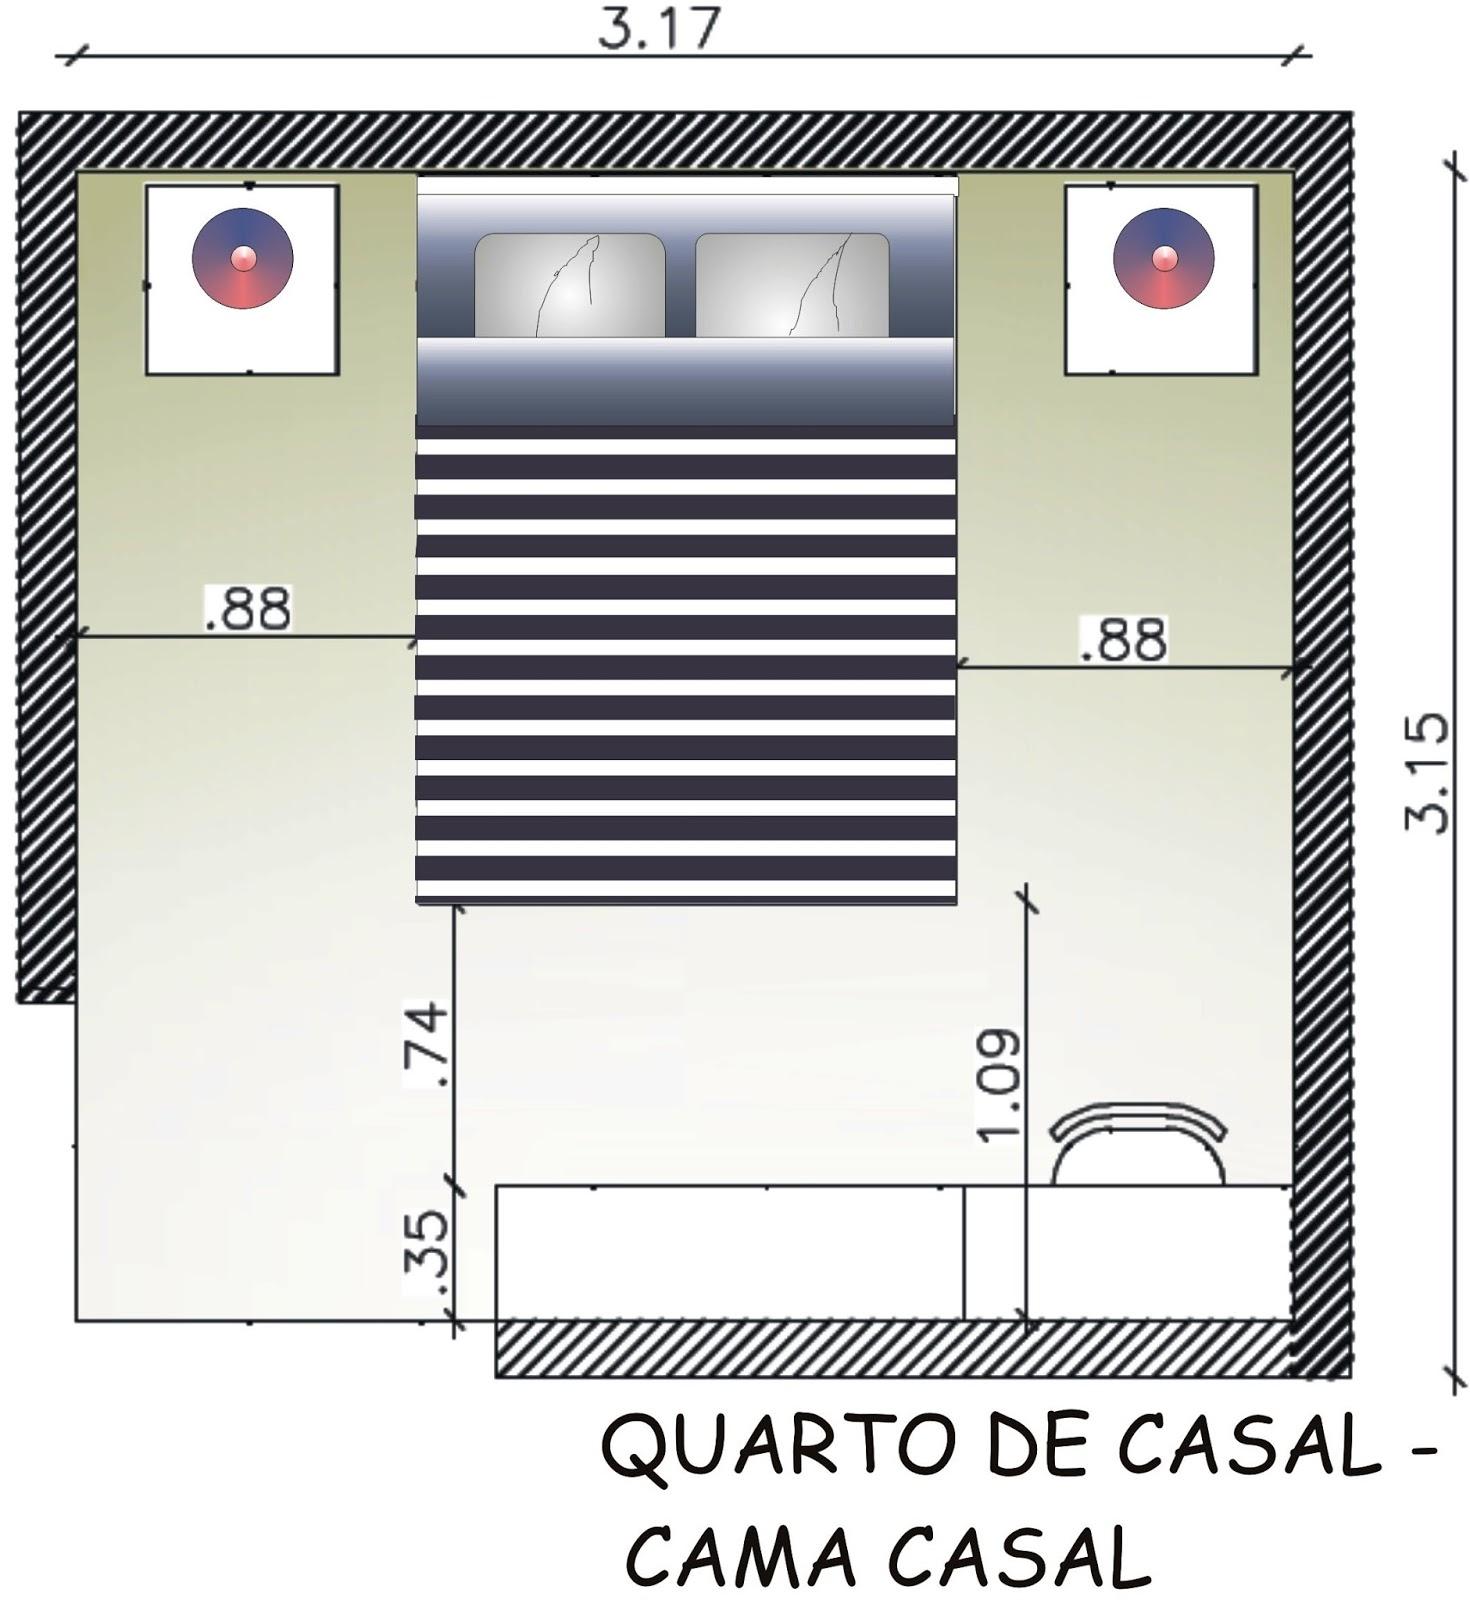 Tamanho Ideal Para Porta De Quarto ~   em cima das medidas de 1,40 x 1,90, que s?o medidas da cama de casal